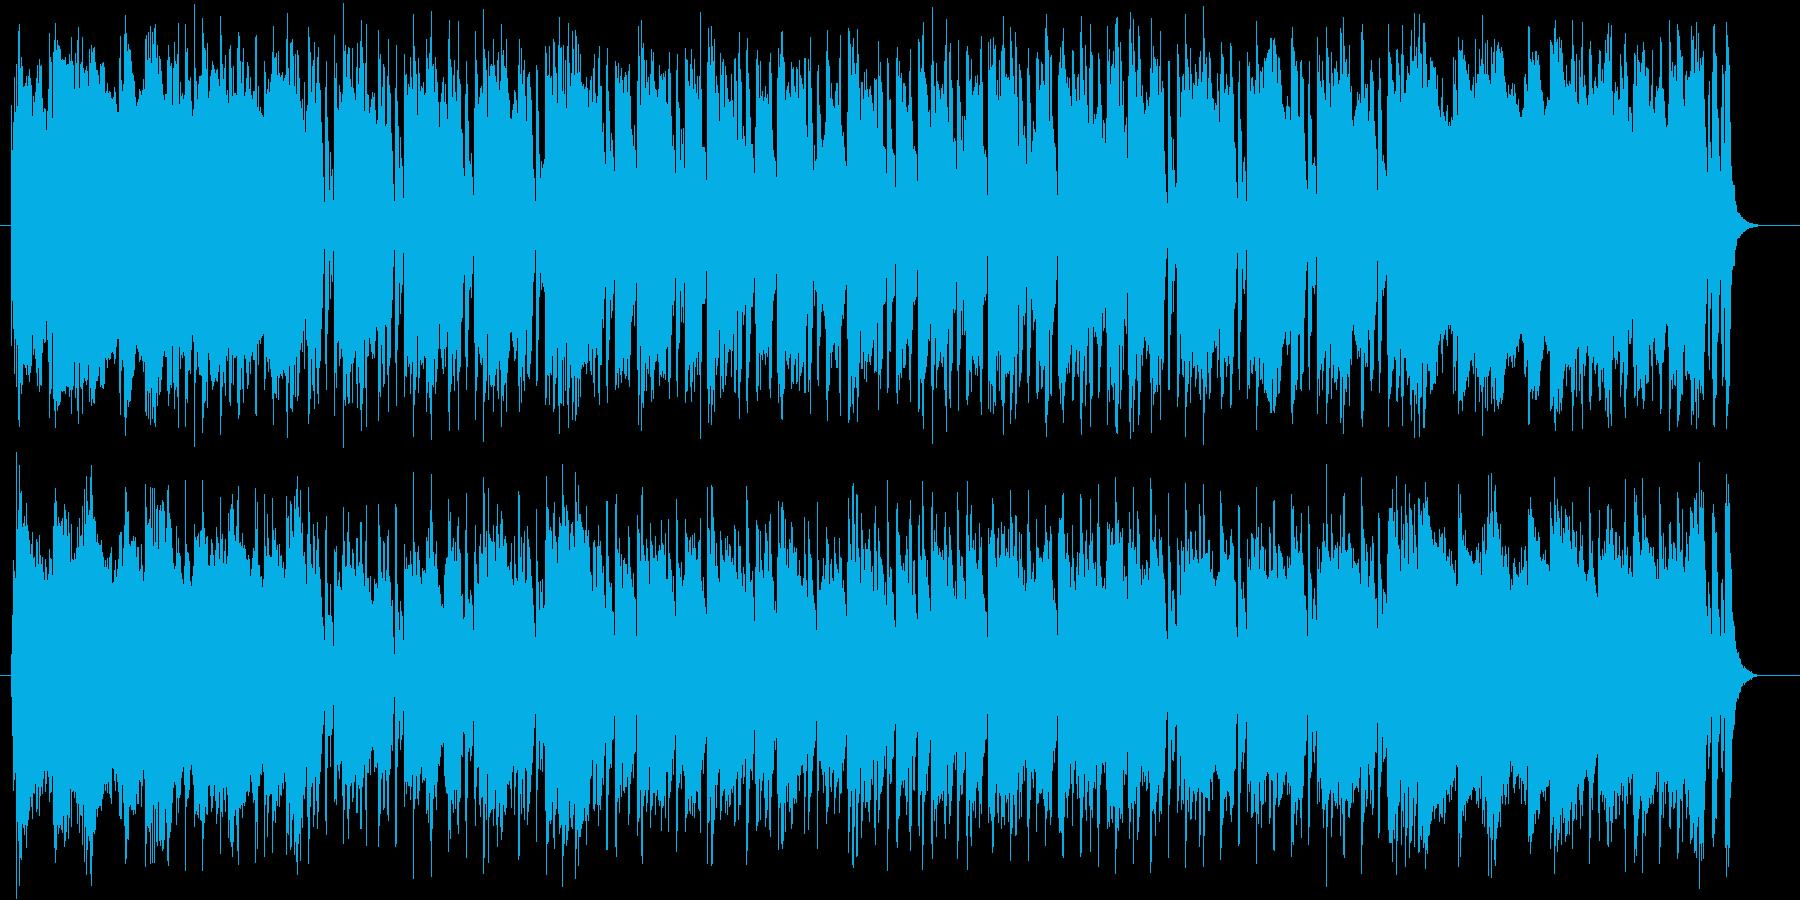 近代的なロックミュージックの再生済みの波形